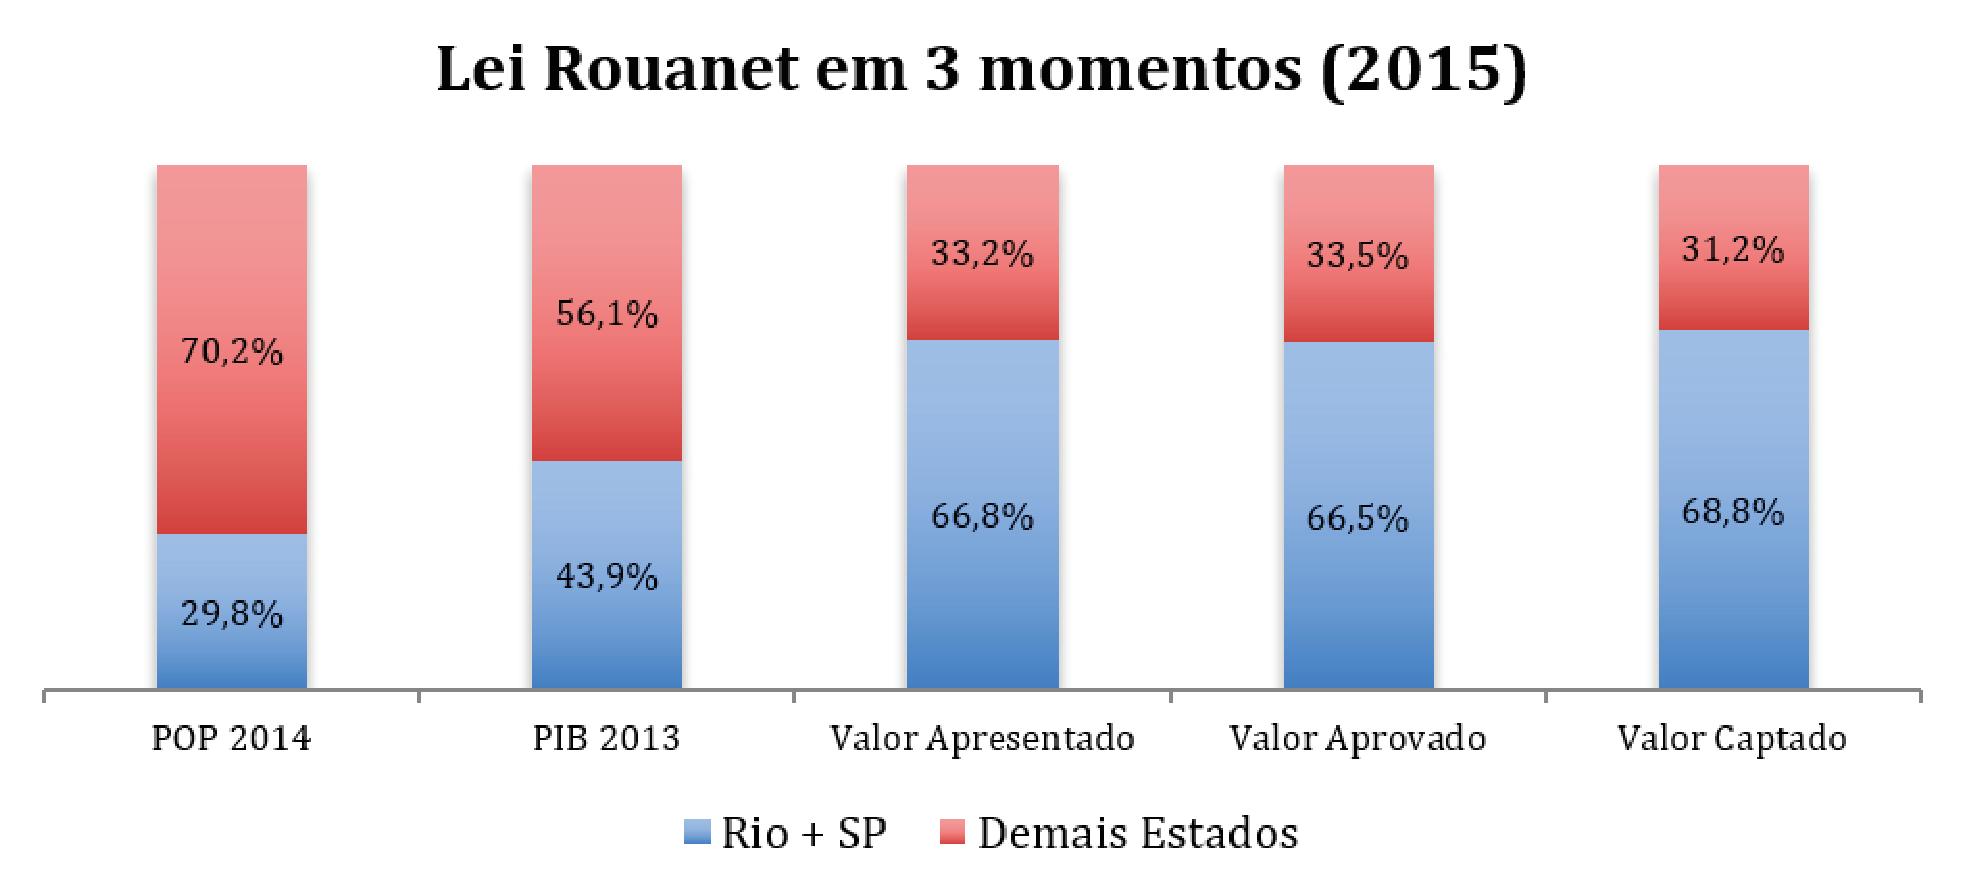 Nexo-Investimento-Social-Lei-Rouanet-Concentracao1